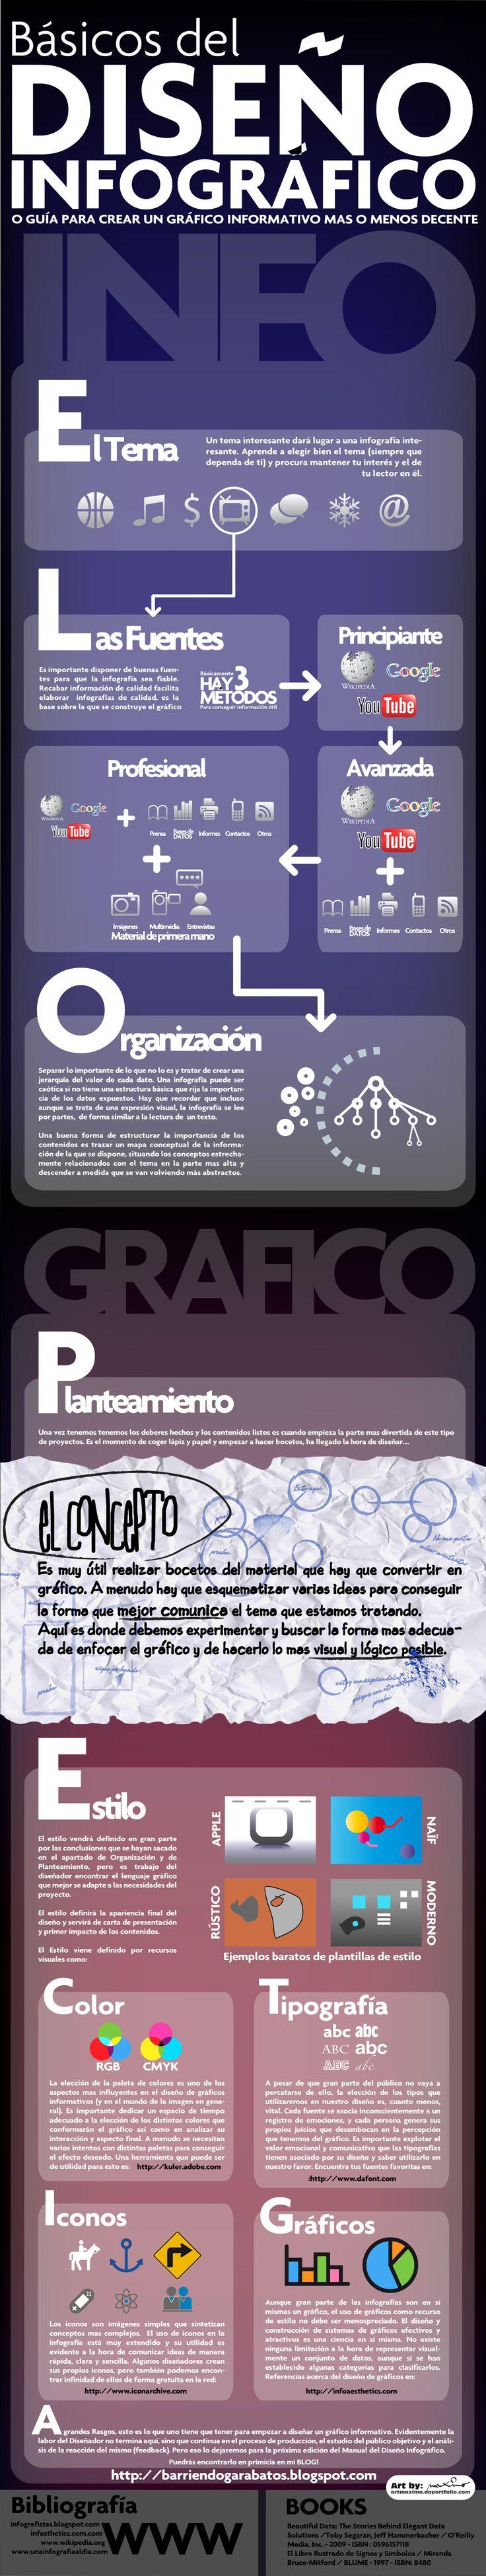 Guía para crear una infografia #infografia #design